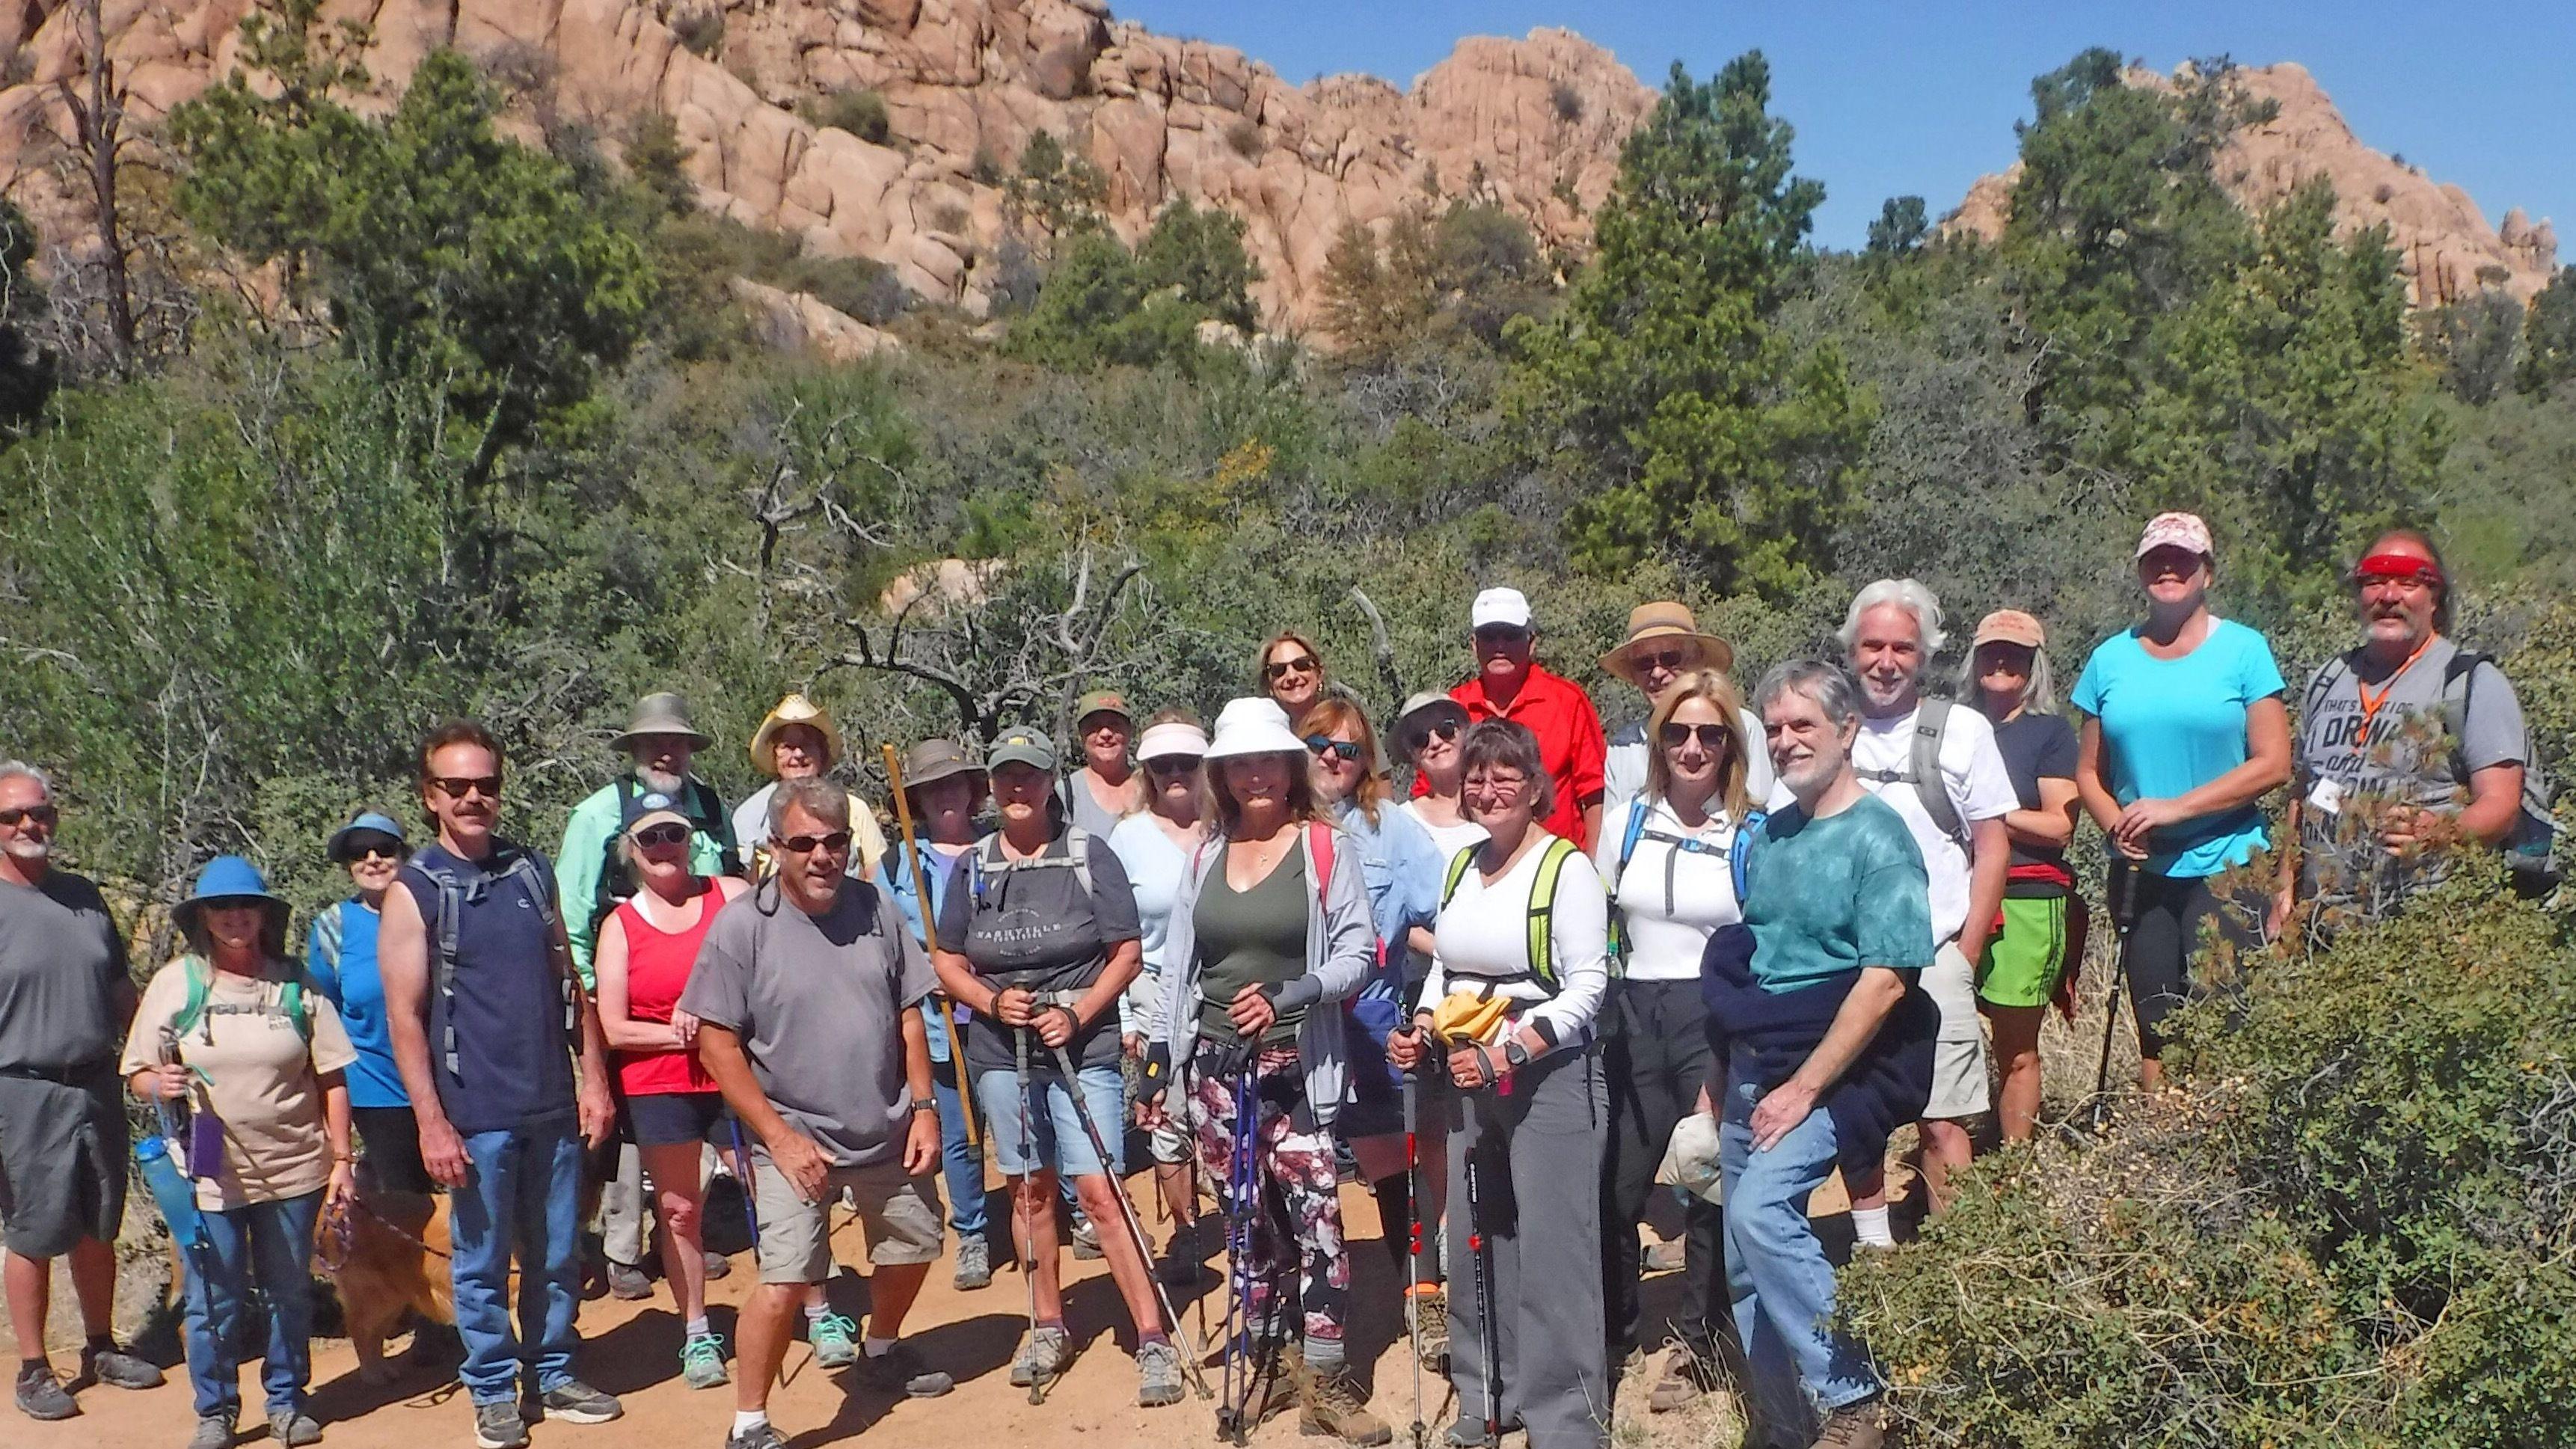 Prescott Nature Hikes and City Walks